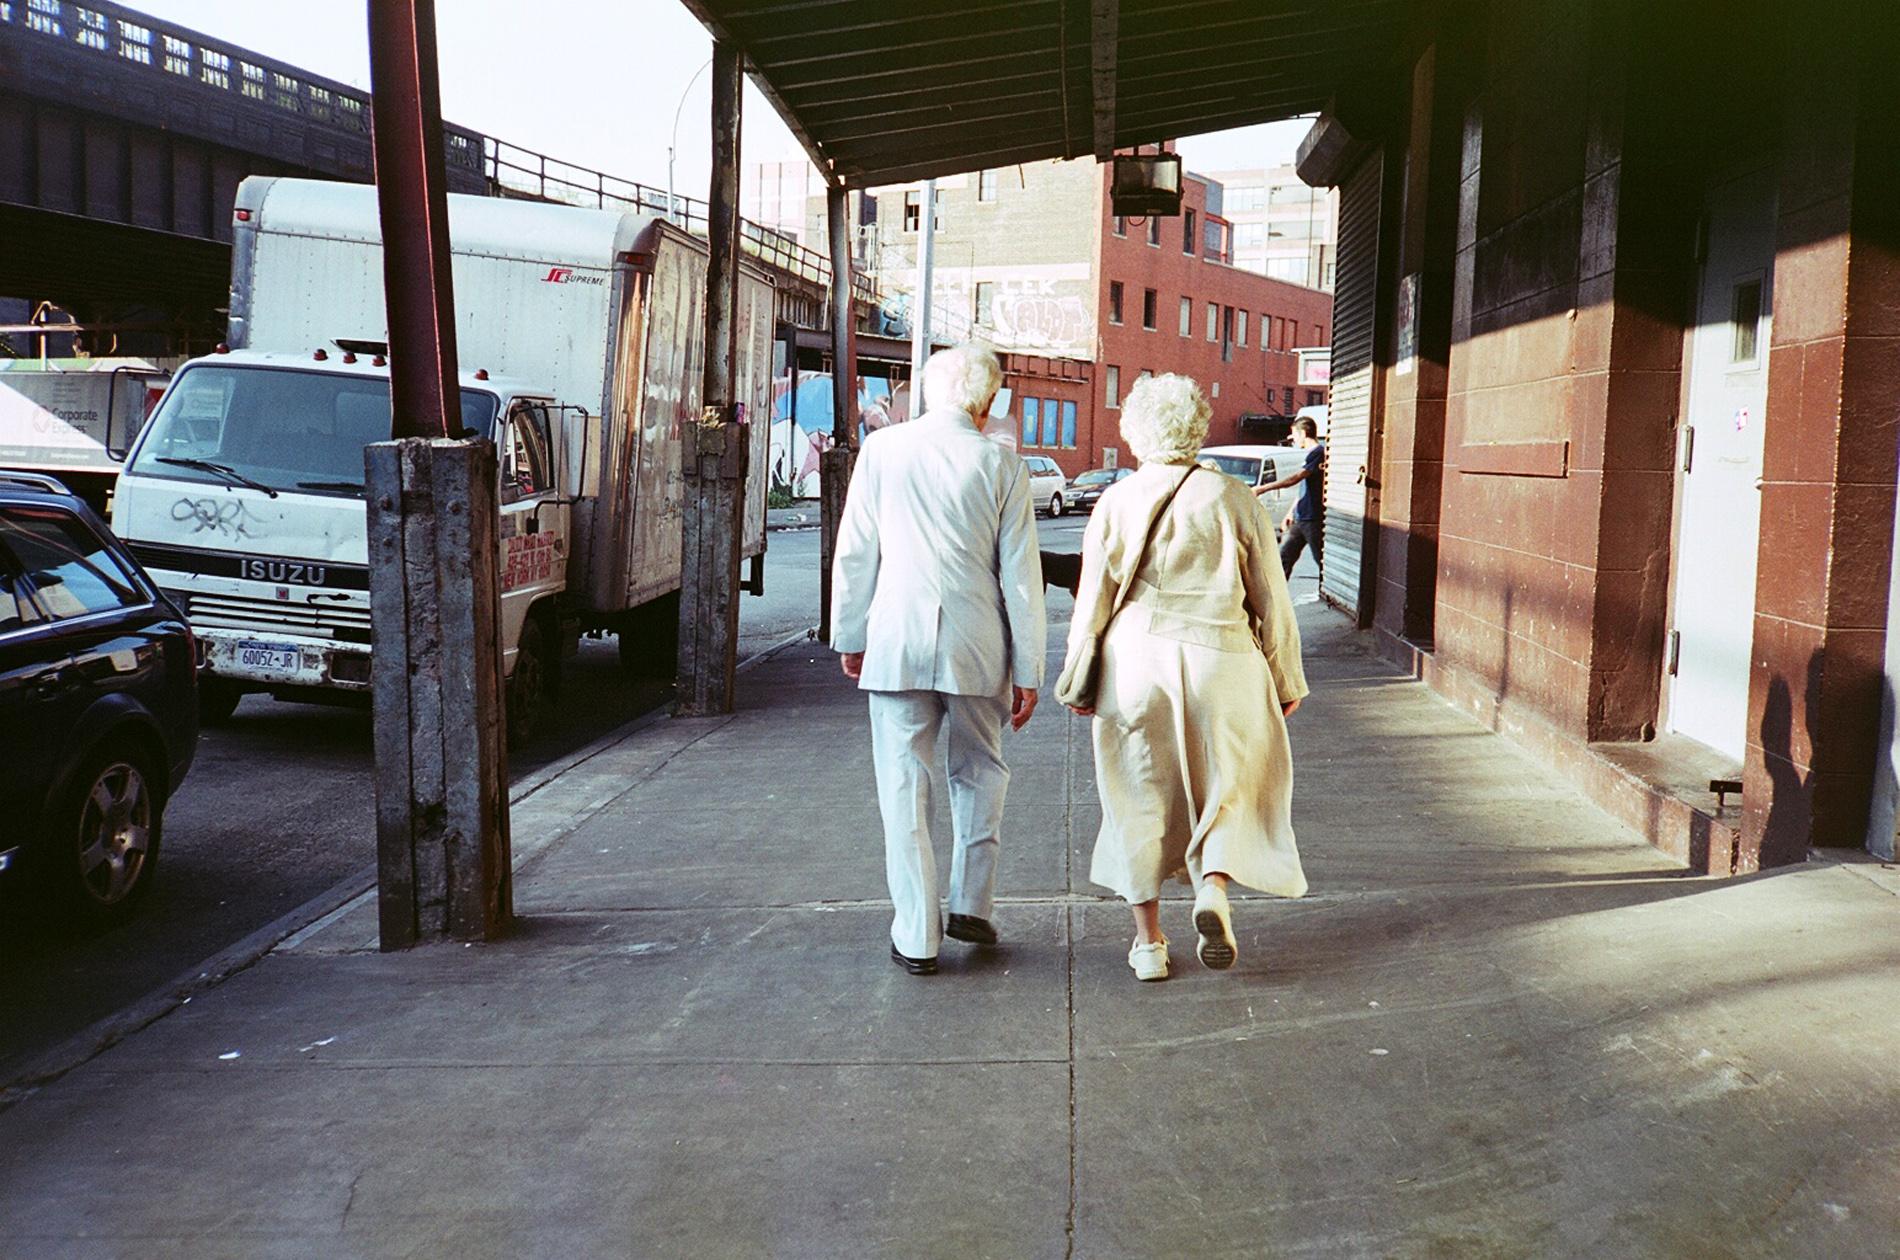 Down in Brooklyn